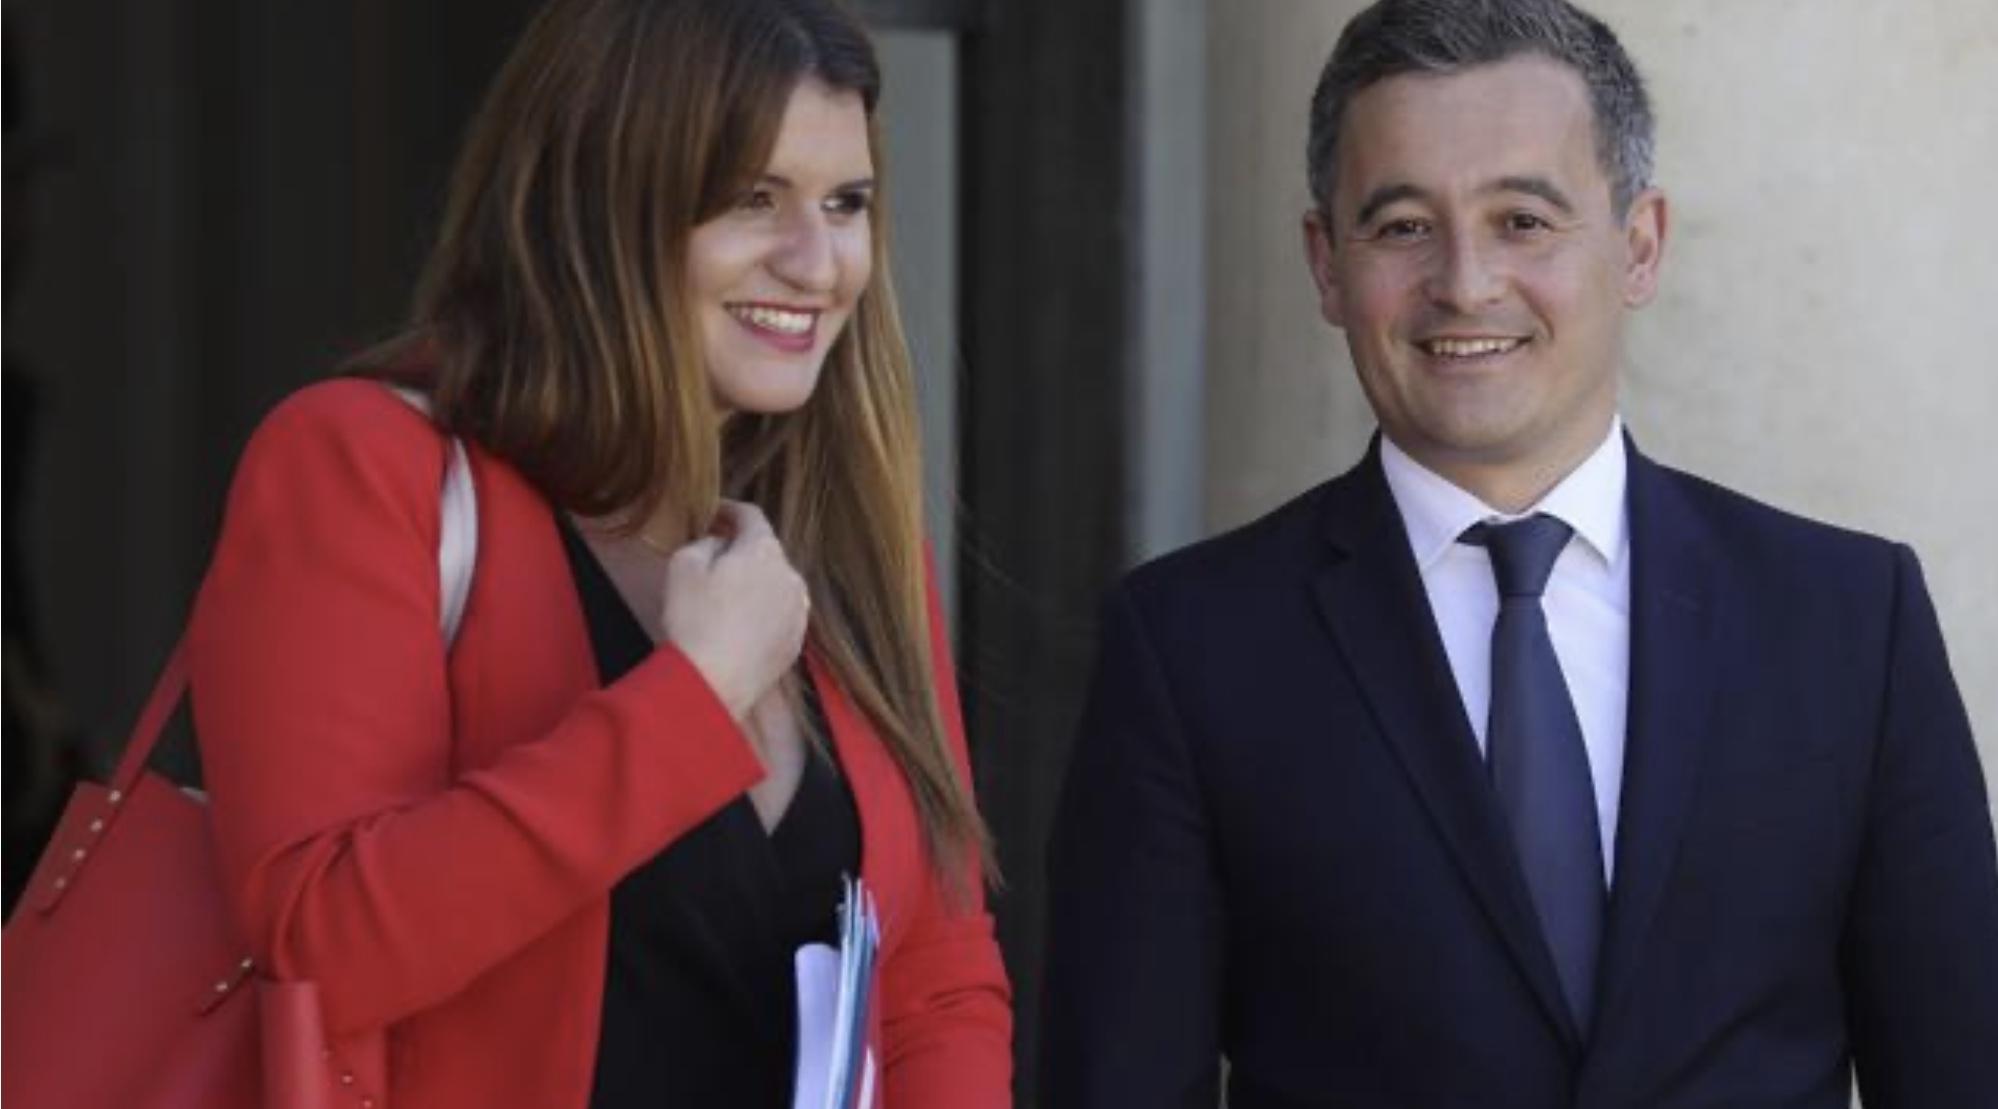 Marlène Schiappa, nouvelle ministre chargée de la citoyenneté apporte son soutien à Gérald Darmanin mis en cause par les féministes